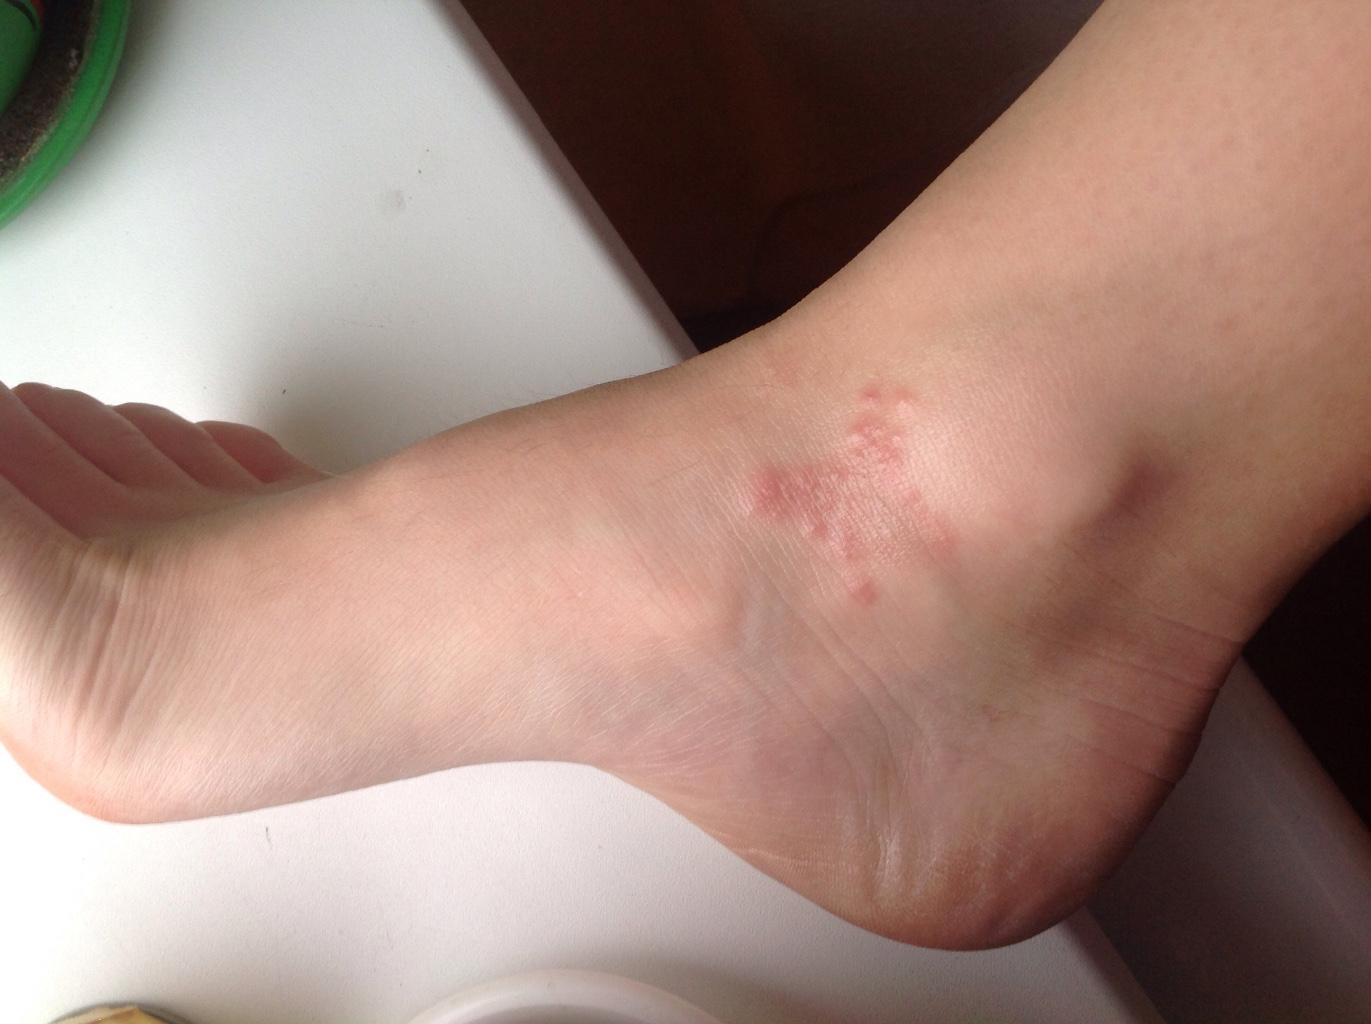 Щиколотки, как и другие части тела, подвержены высыпаниям